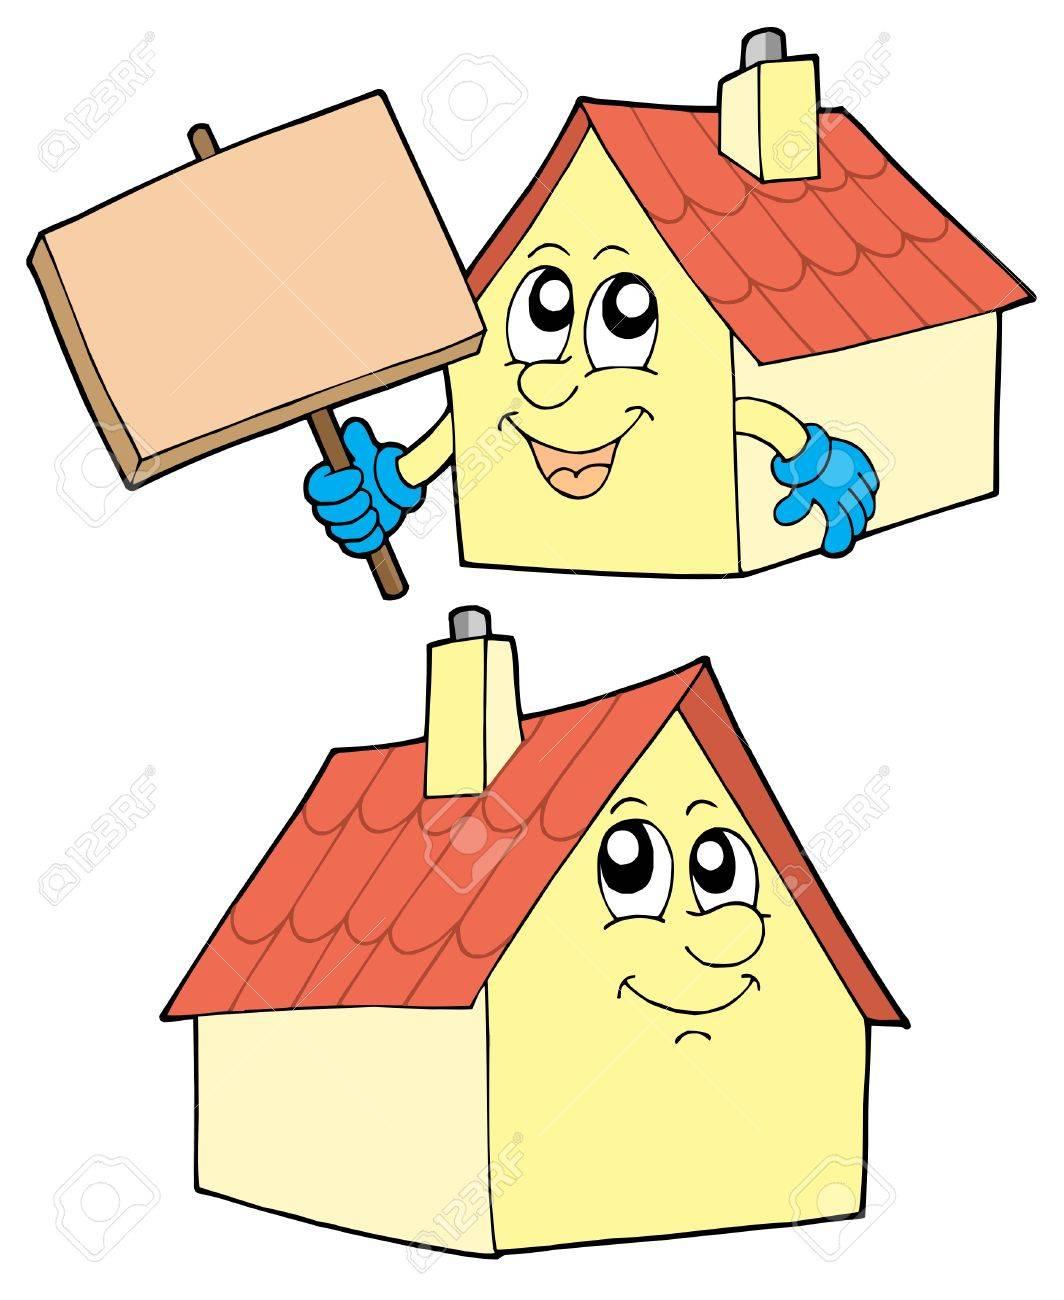 Cute Häuser Auf Weißen Hintergrund   Vektor Illustration. Standard Bild    3407491